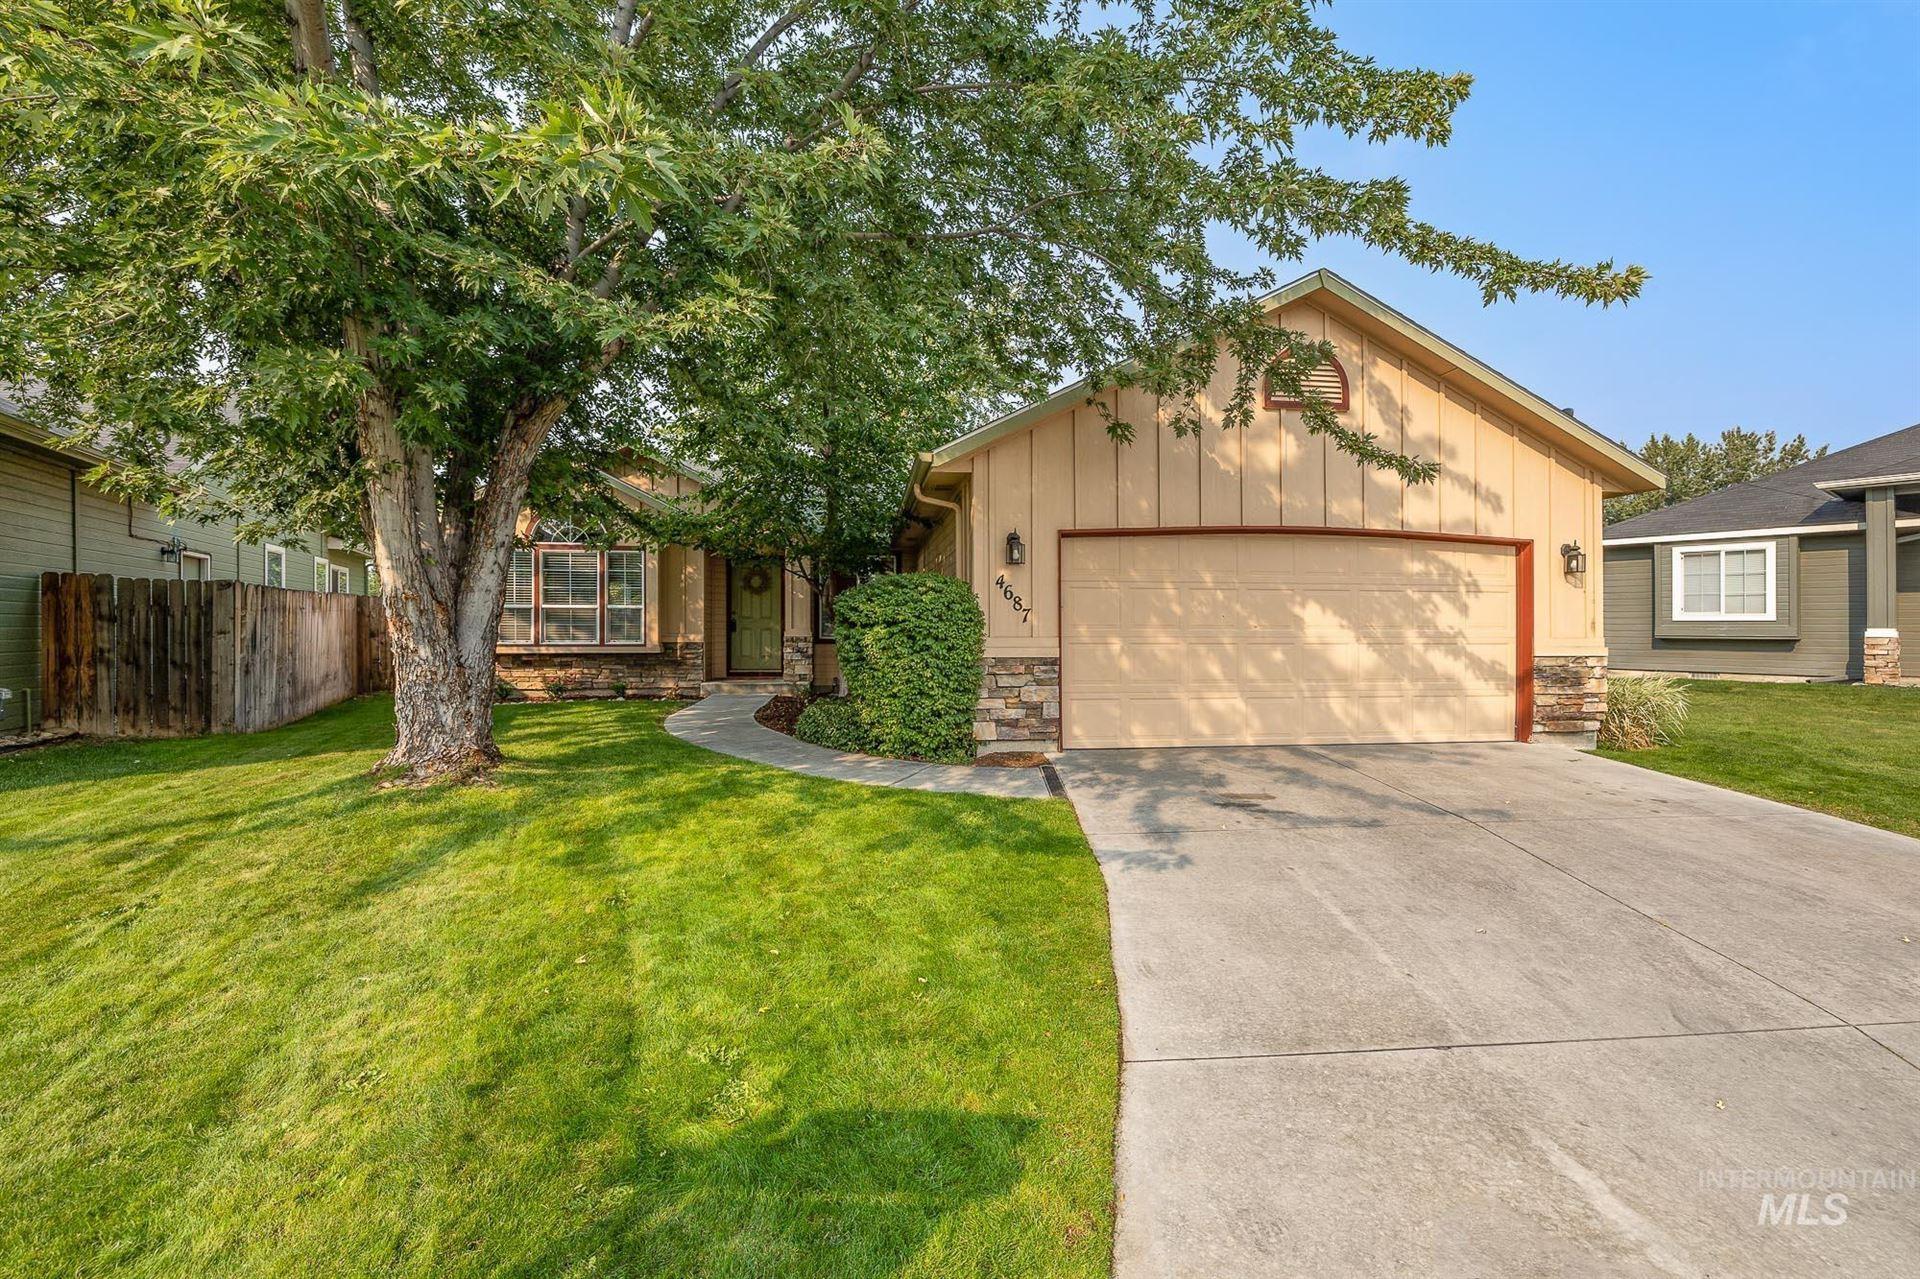 4687 W Garden Court, Boise, ID 83705 - MLS#: 98816921